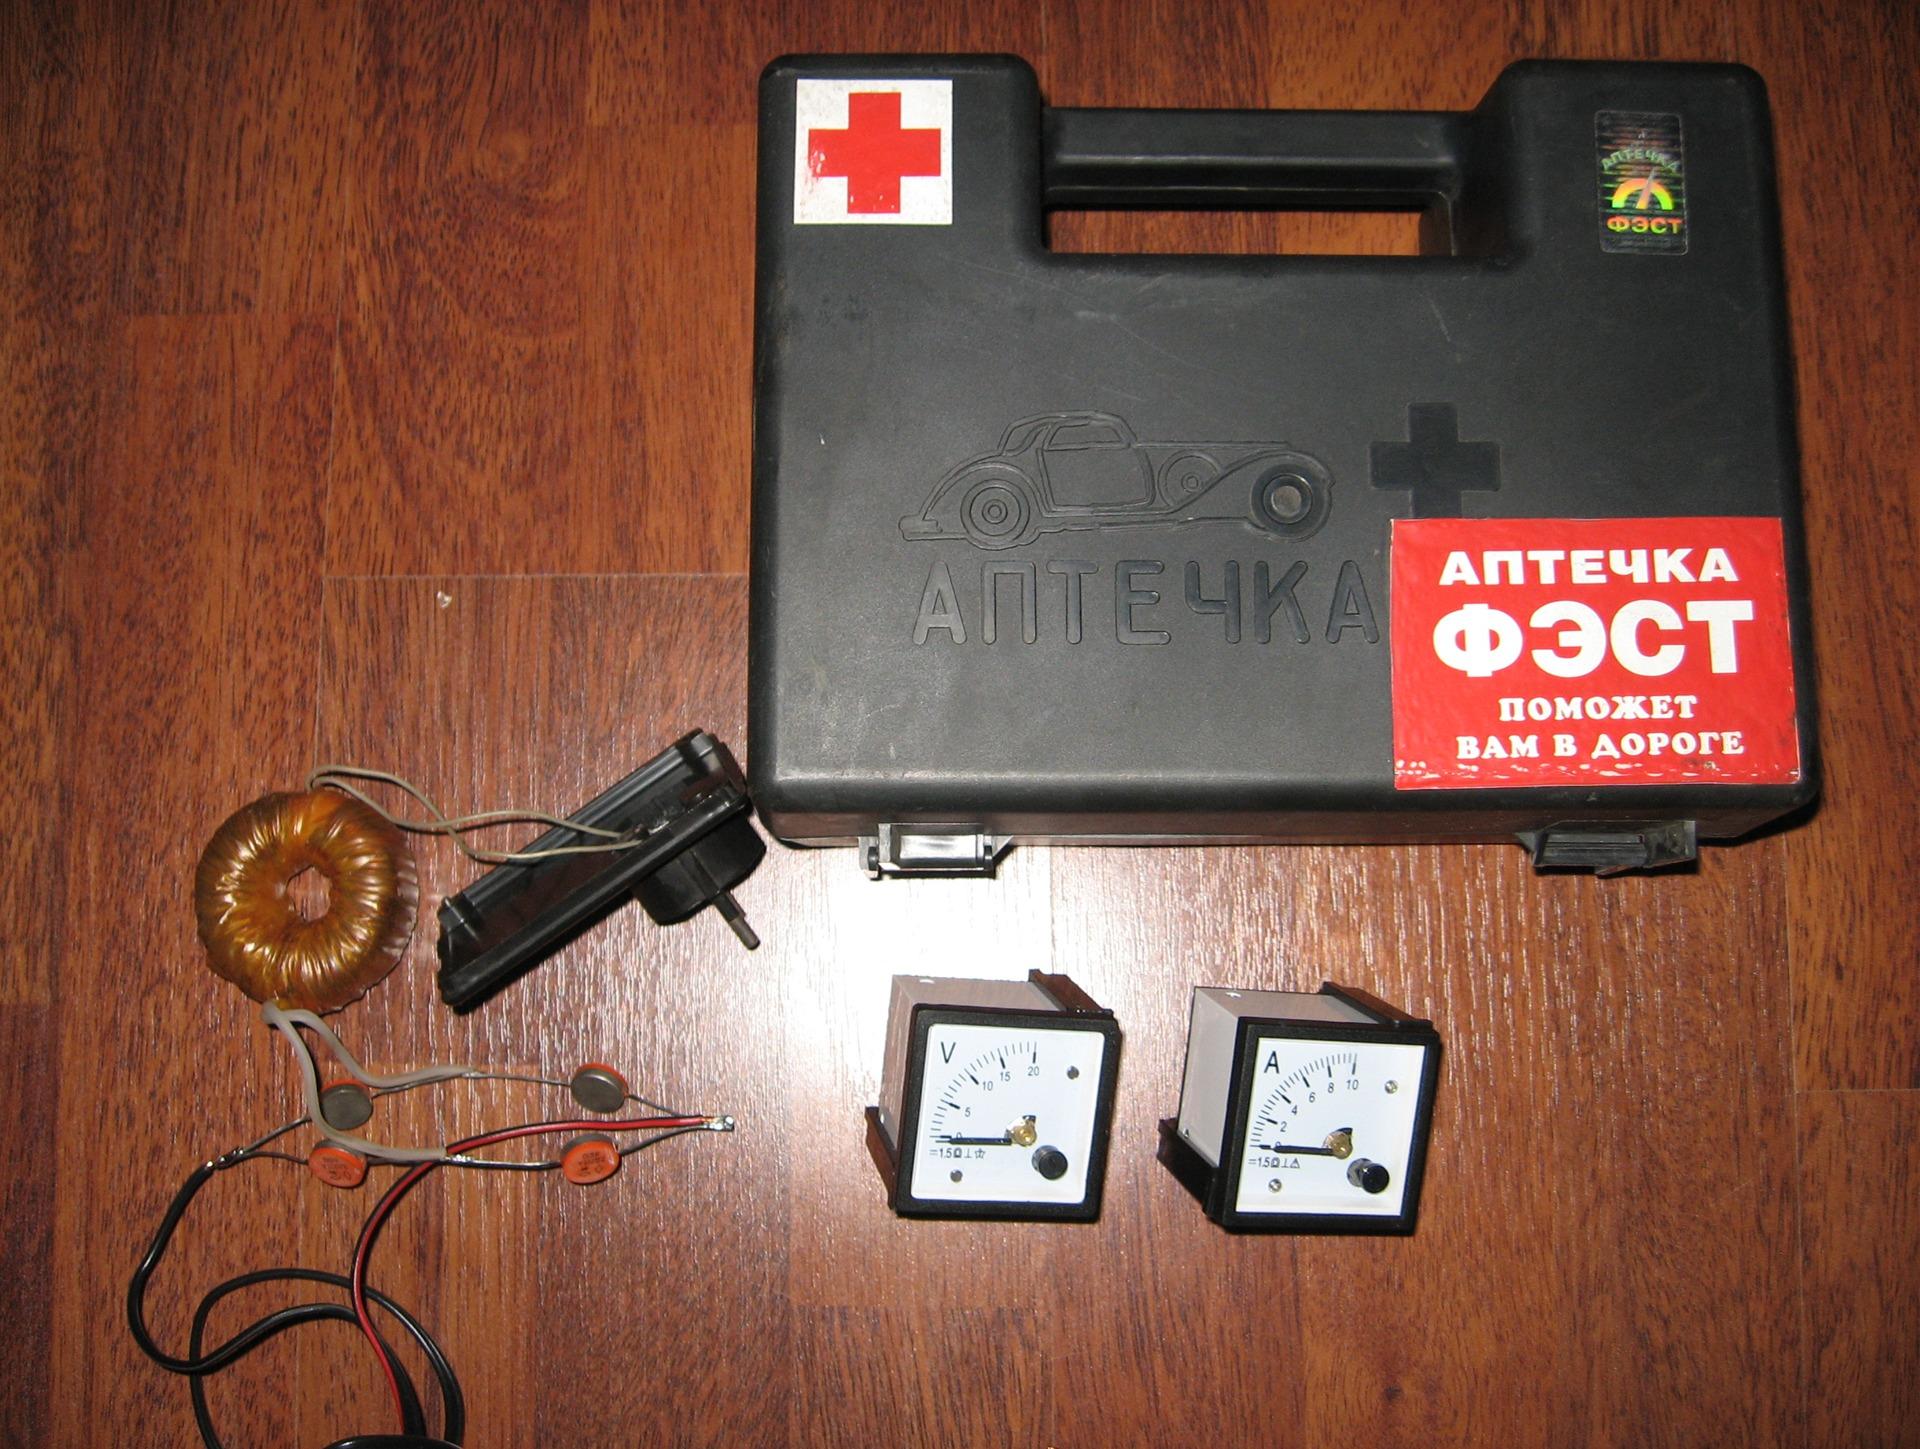 Трансформаторы для зарядных устройства своими руками фото 297